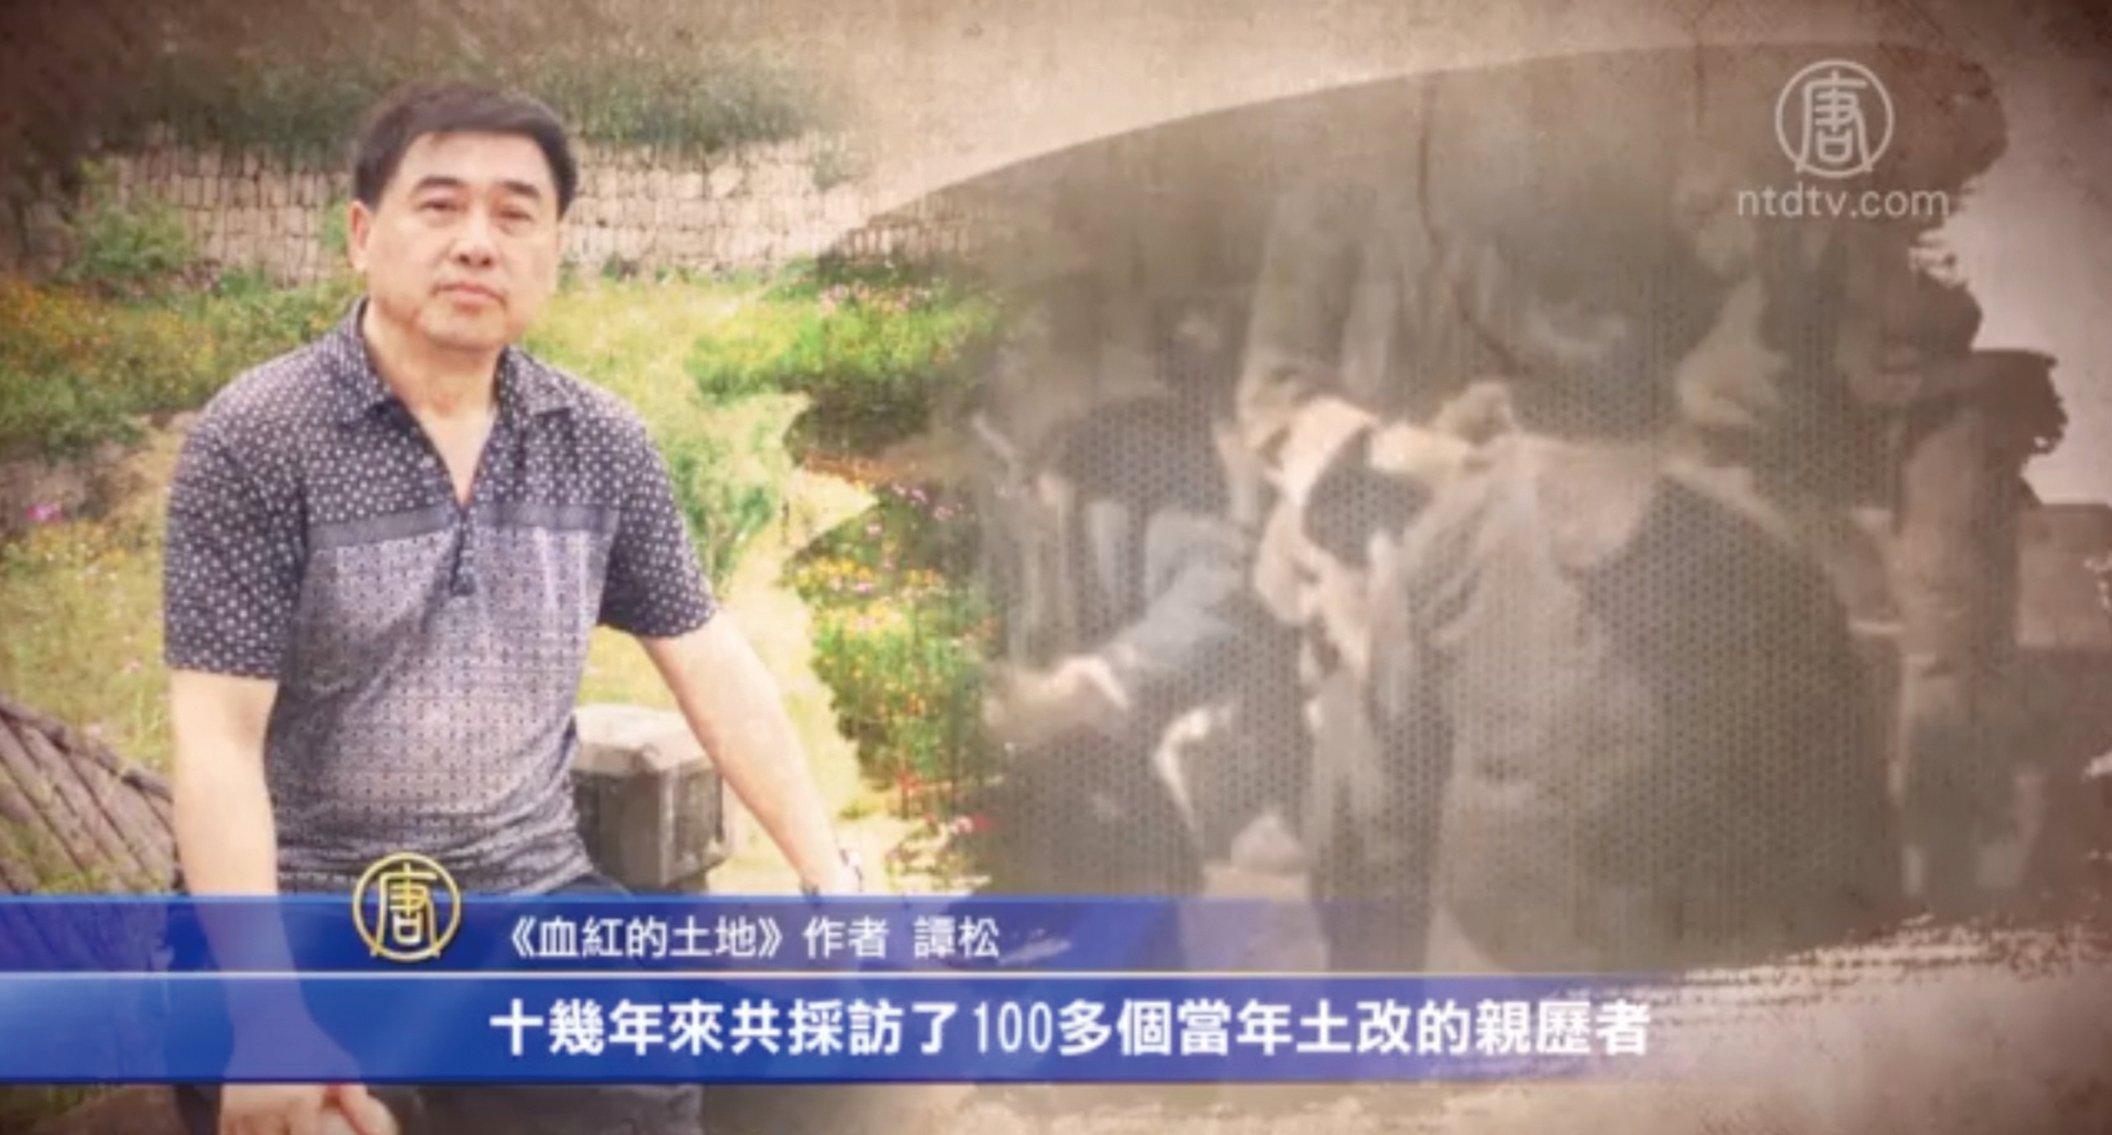 本報記者對譚松進行了專訪,他敘述了中共在川東土改中,對李亮清一家人的滅殺與酷刑,其殘酷令人毛骨悚然。(影片截圖)